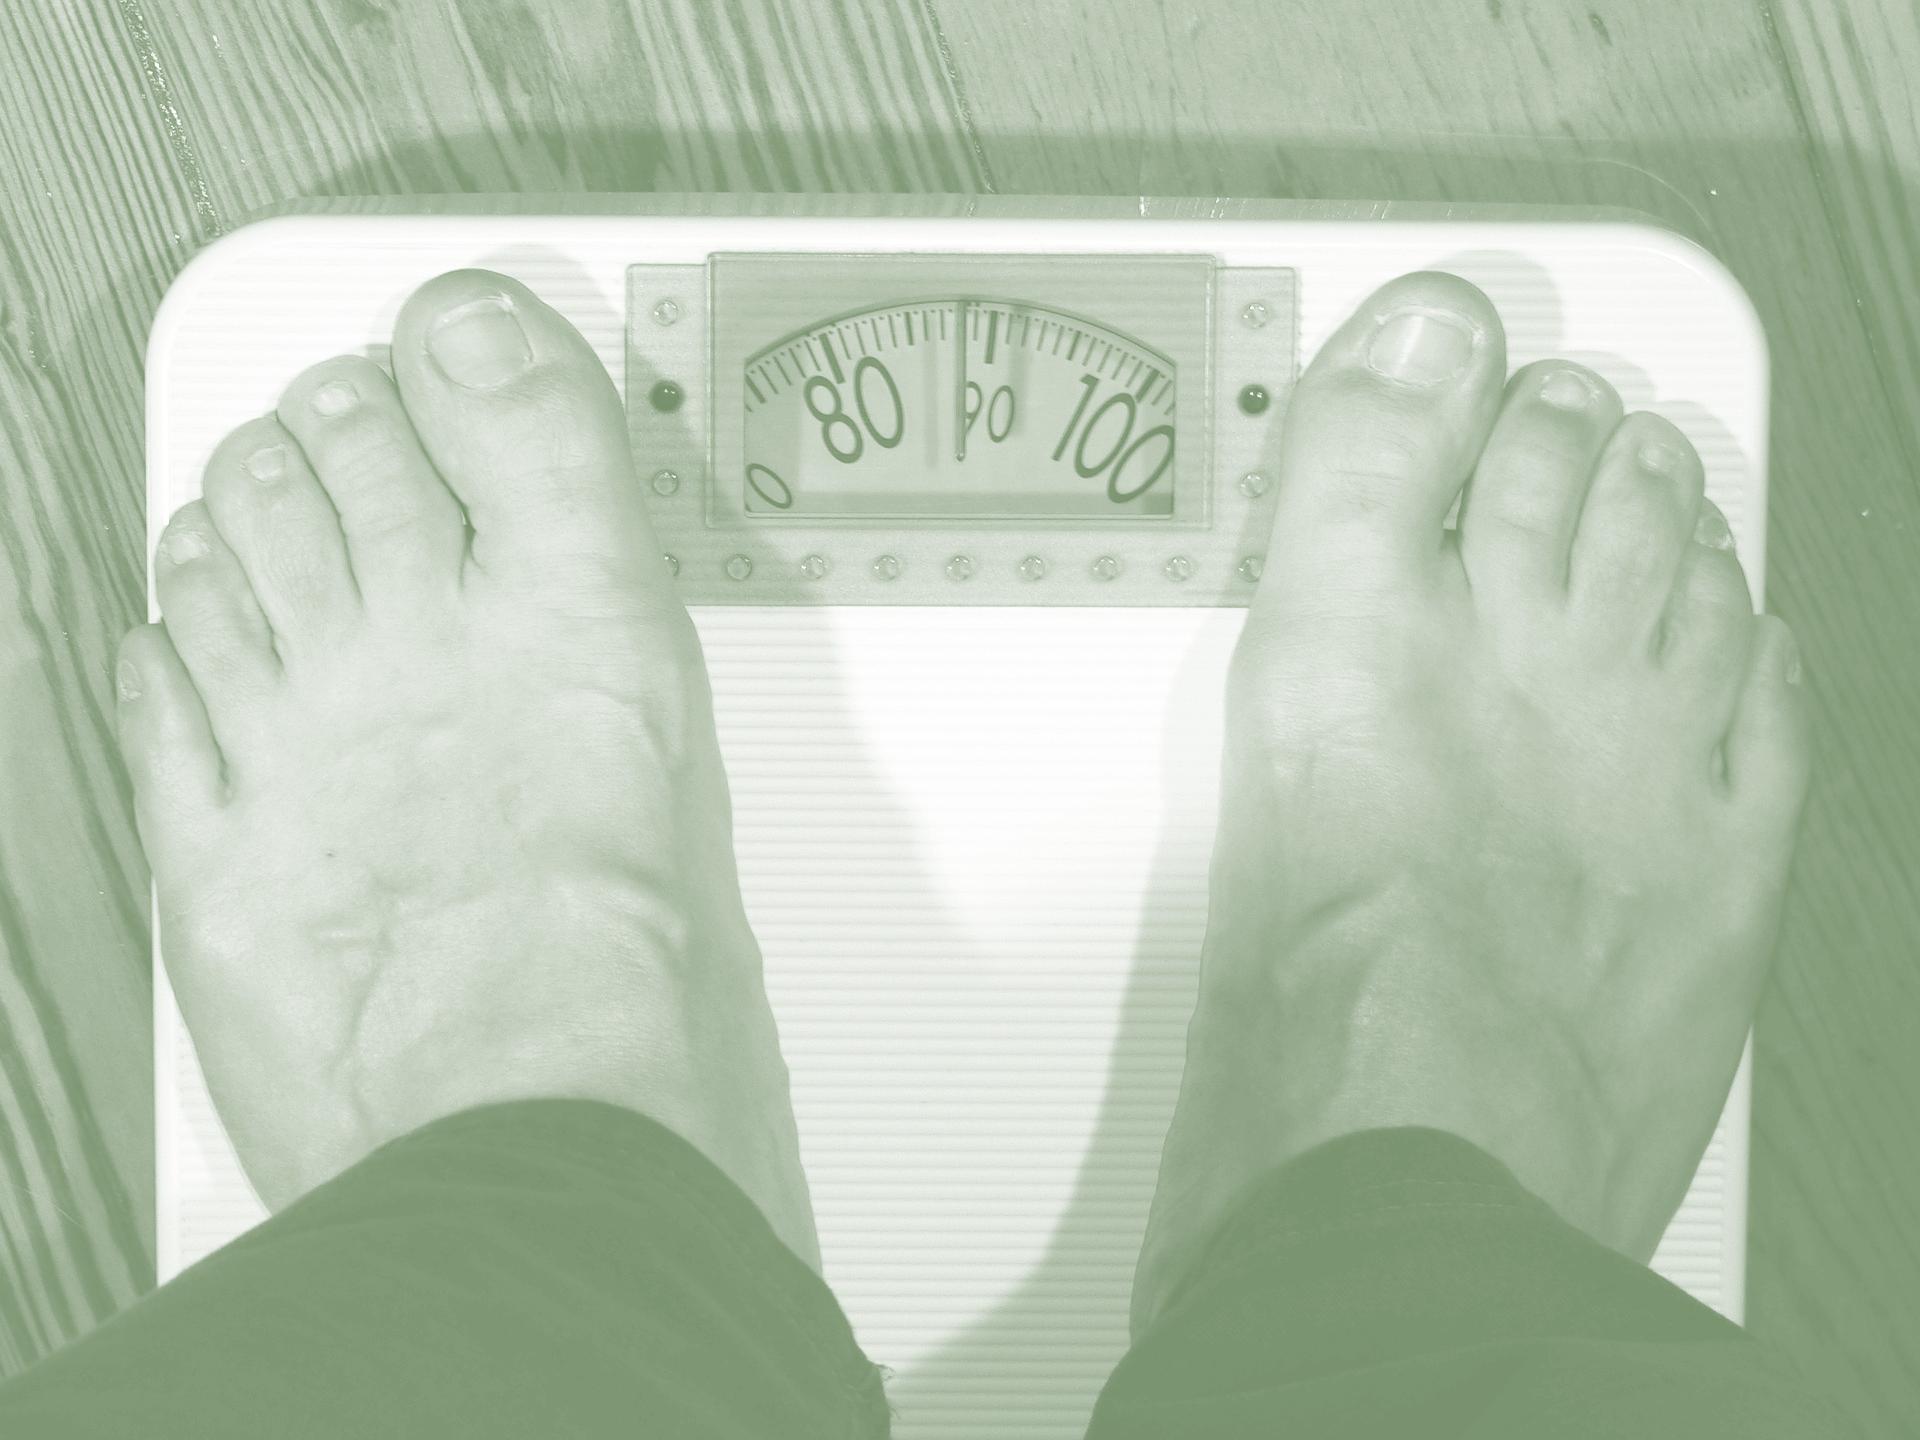 Tratamento com Balão Intragástrico auxilia na perda de peso e melhora a qualidade de vida